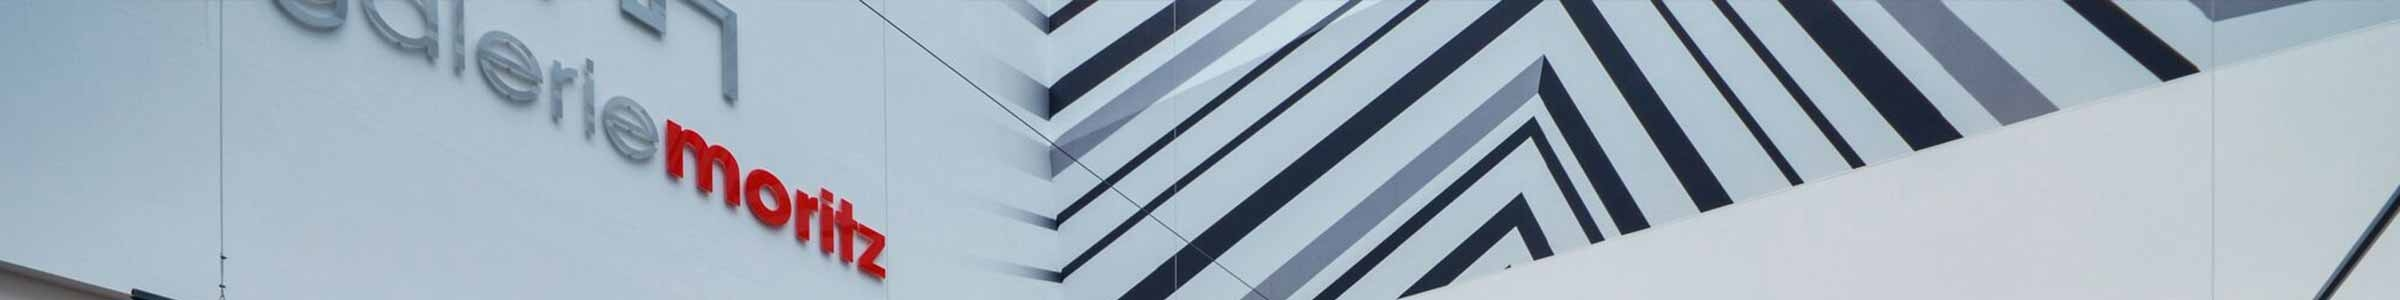 c145547b8e Galerie Moritz - Obchody - kategorie Elektro a bydlení